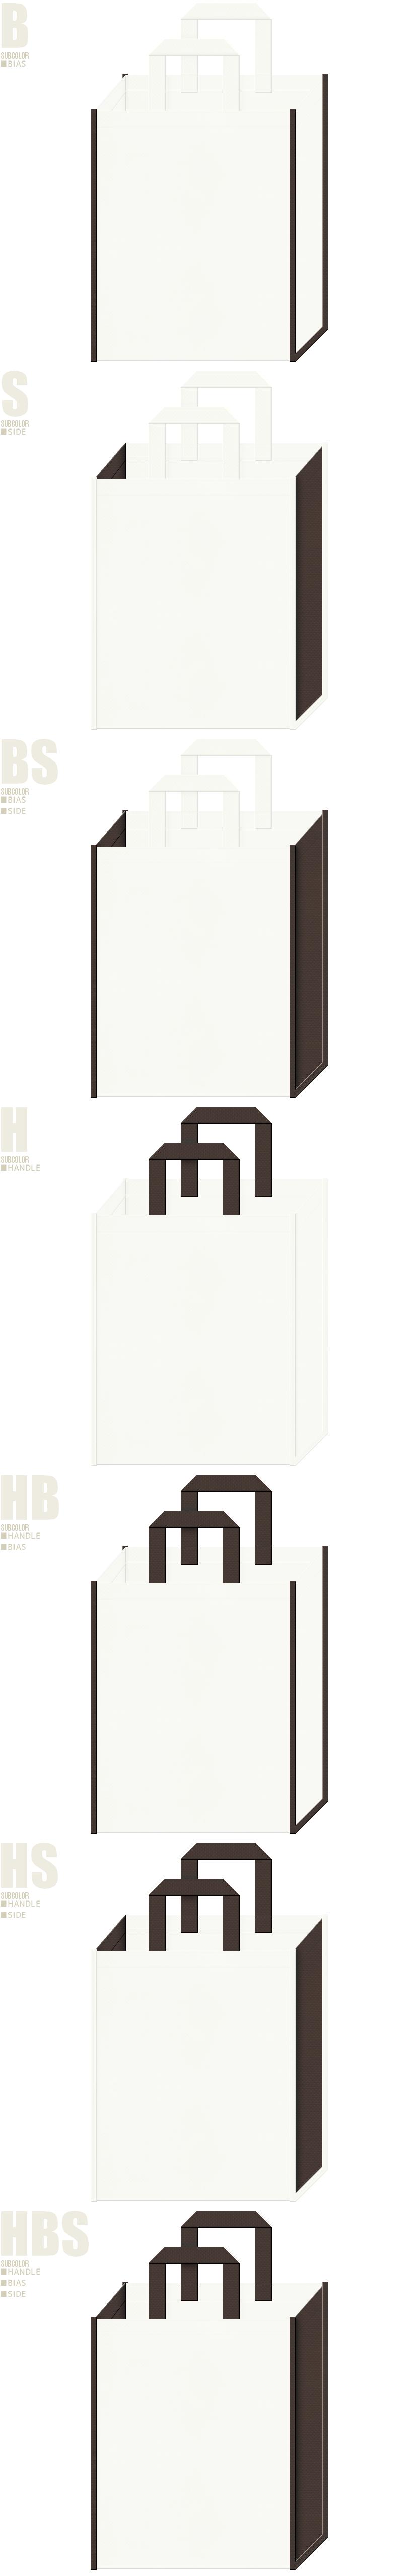 オフホワイト色とこげ茶色、7パターンの不織布トートバッグ配色デザイン例。オフィス・マンション・店舗インテリア・ハウジングの展示会用バッグにお奨めです。和風では障子・襖のイメージにも。